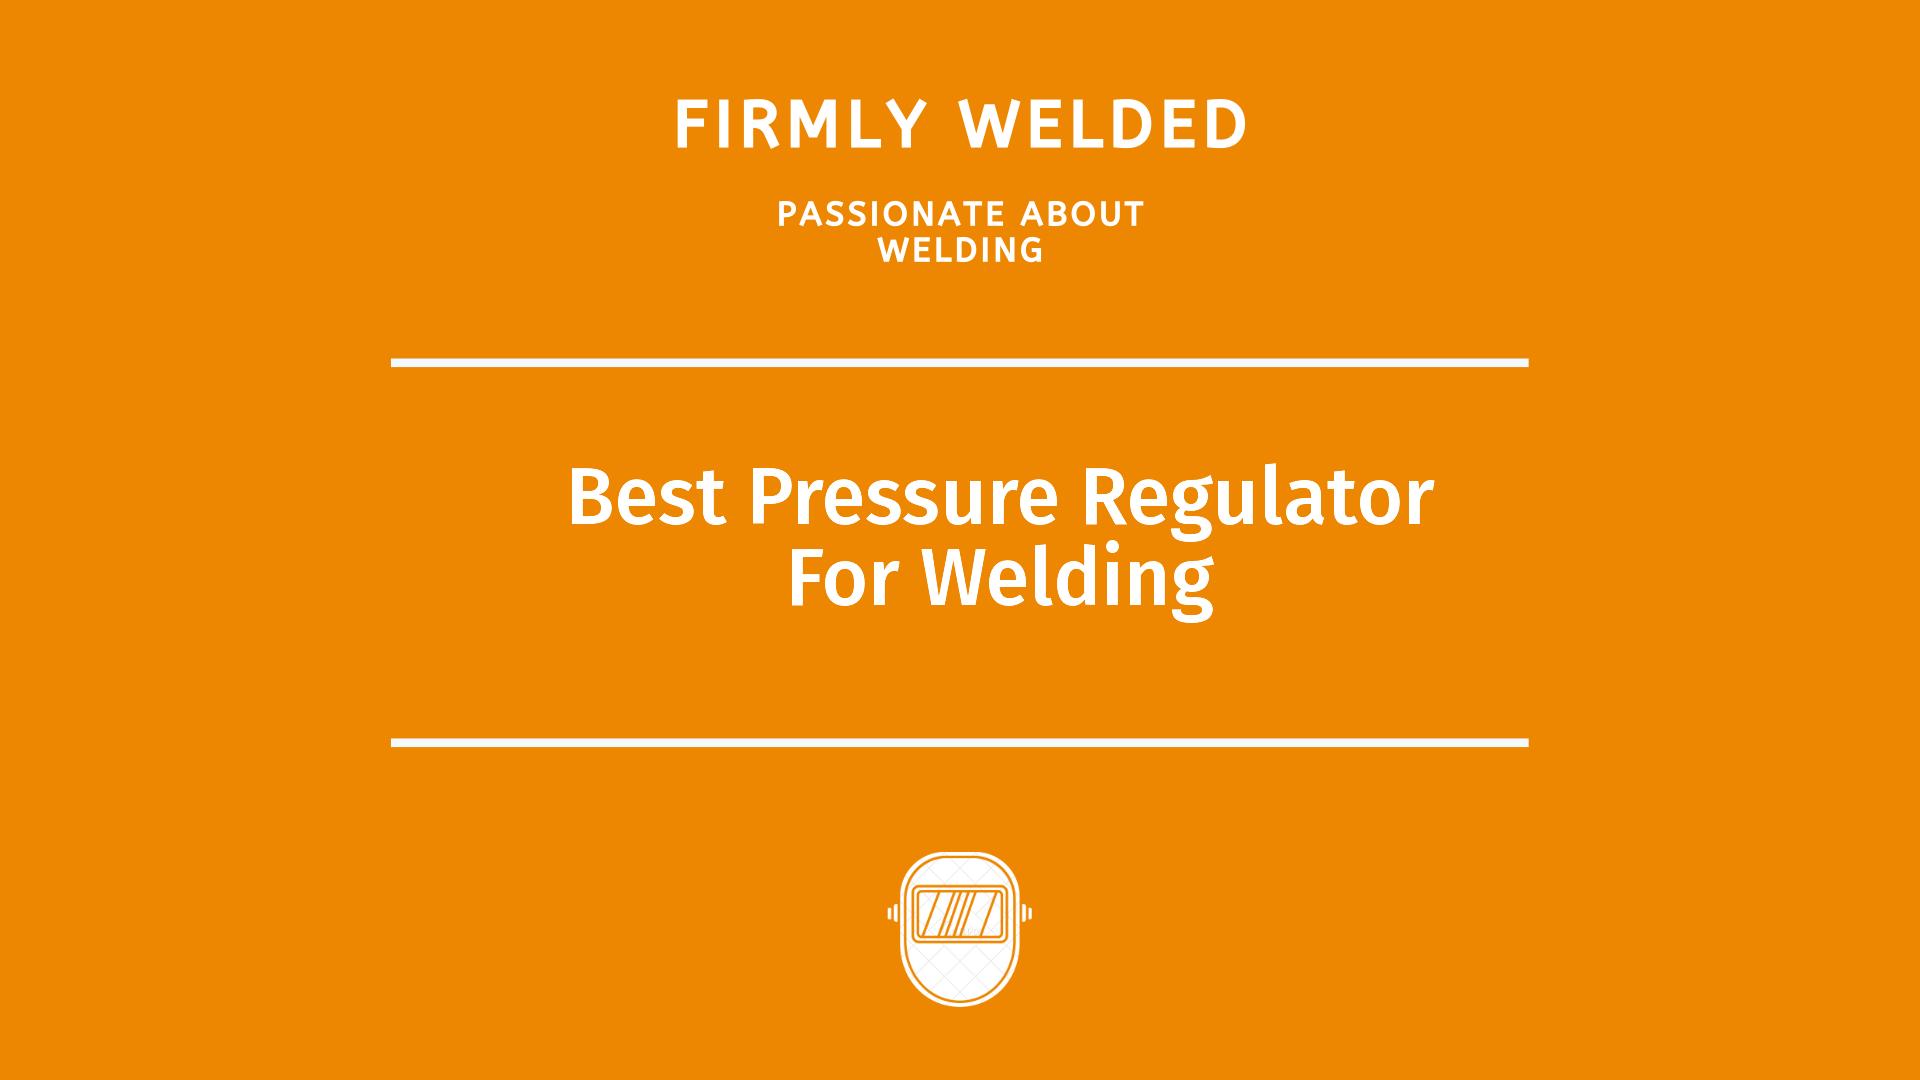 Best Pressure Regulator For Welding